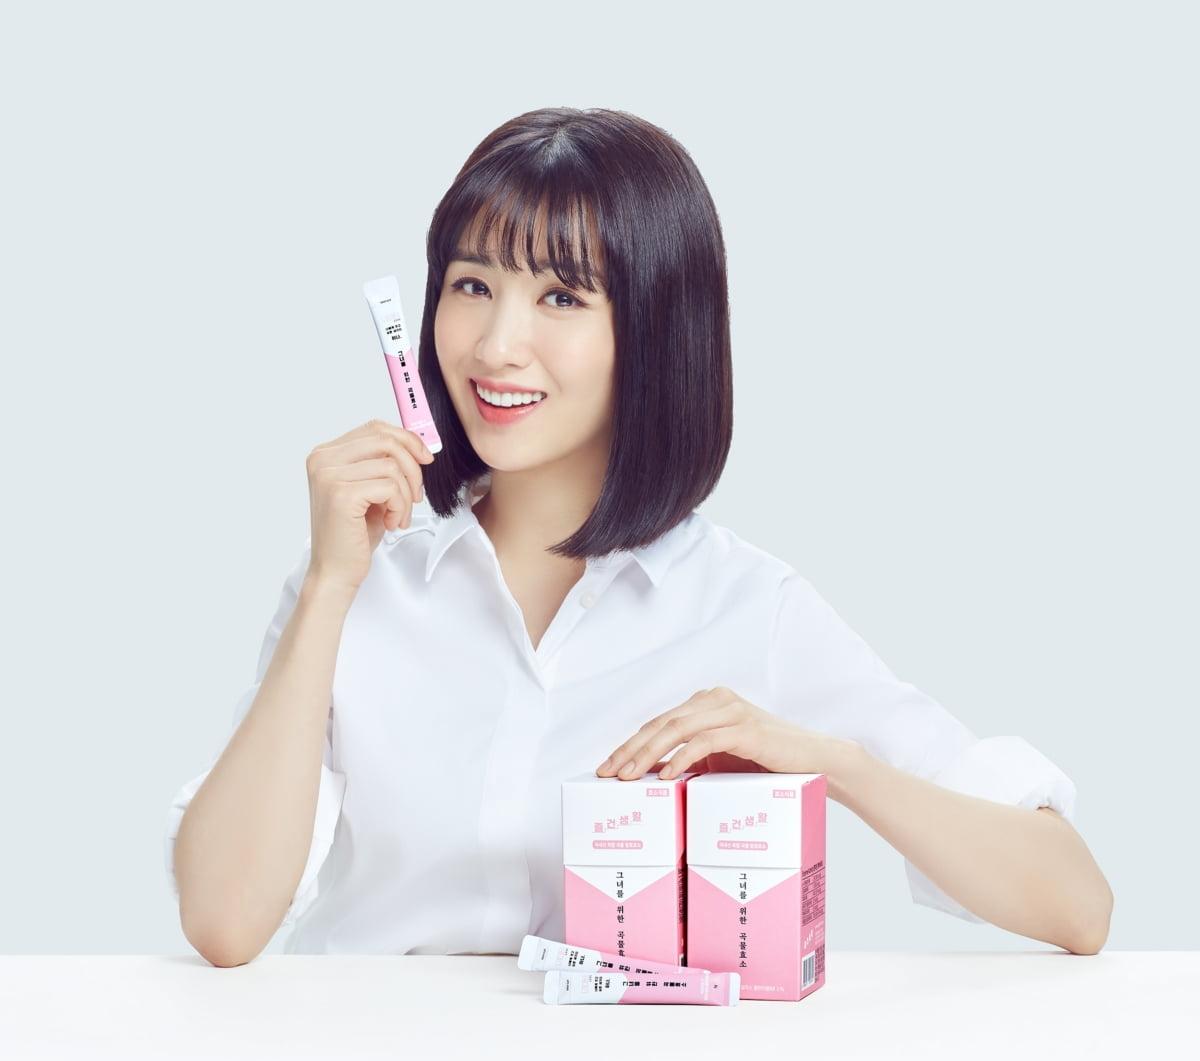 즐건생활, 배우 박하선 `그녀를 위한 곡물효소` 모델로 발탁